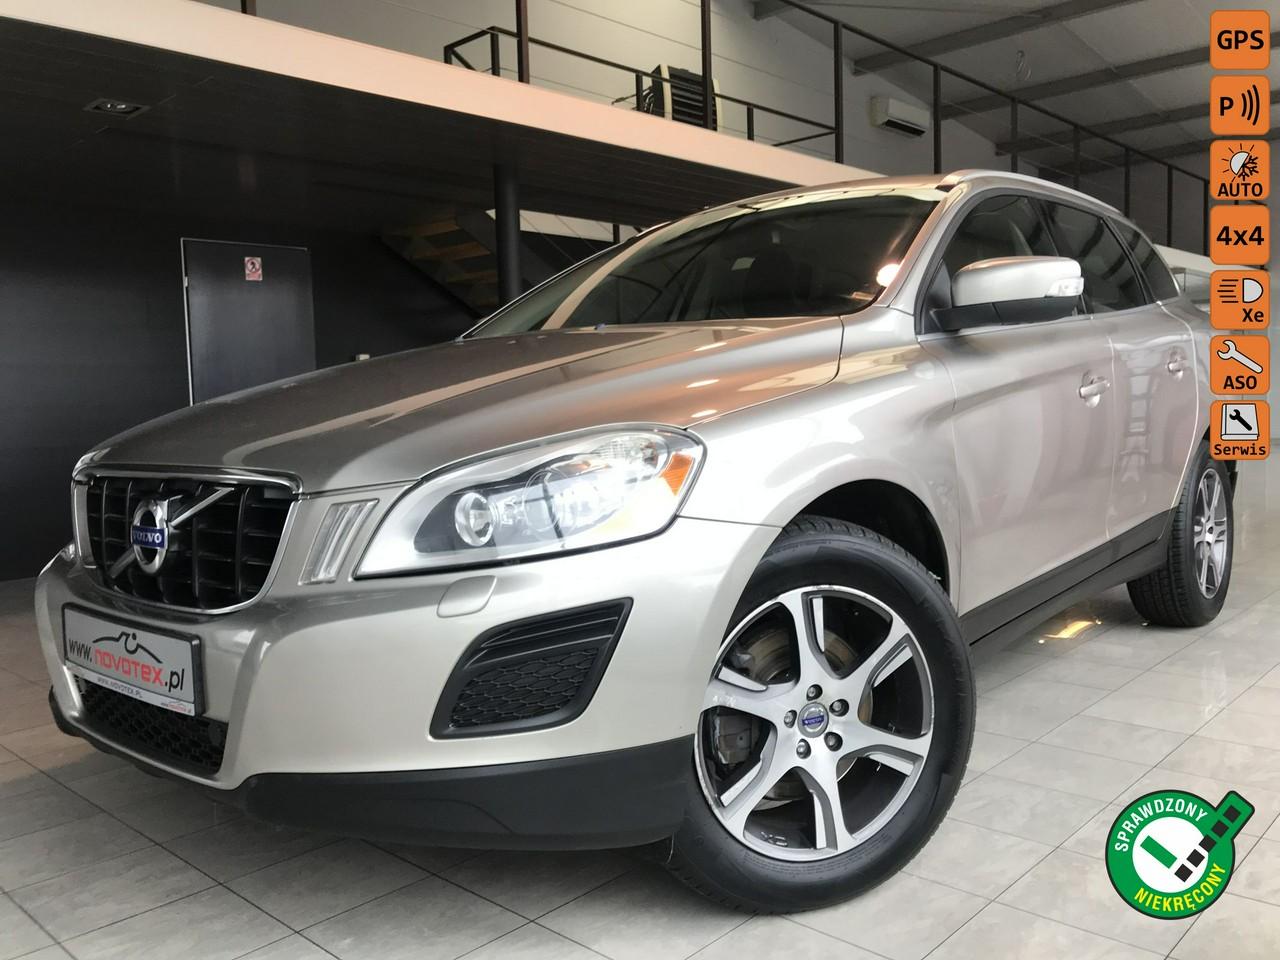 Volvo XC 60 D5 AWD*Summum*xenon*ALU18*nowe opony*serwis w ASO Volvo*gwarancja